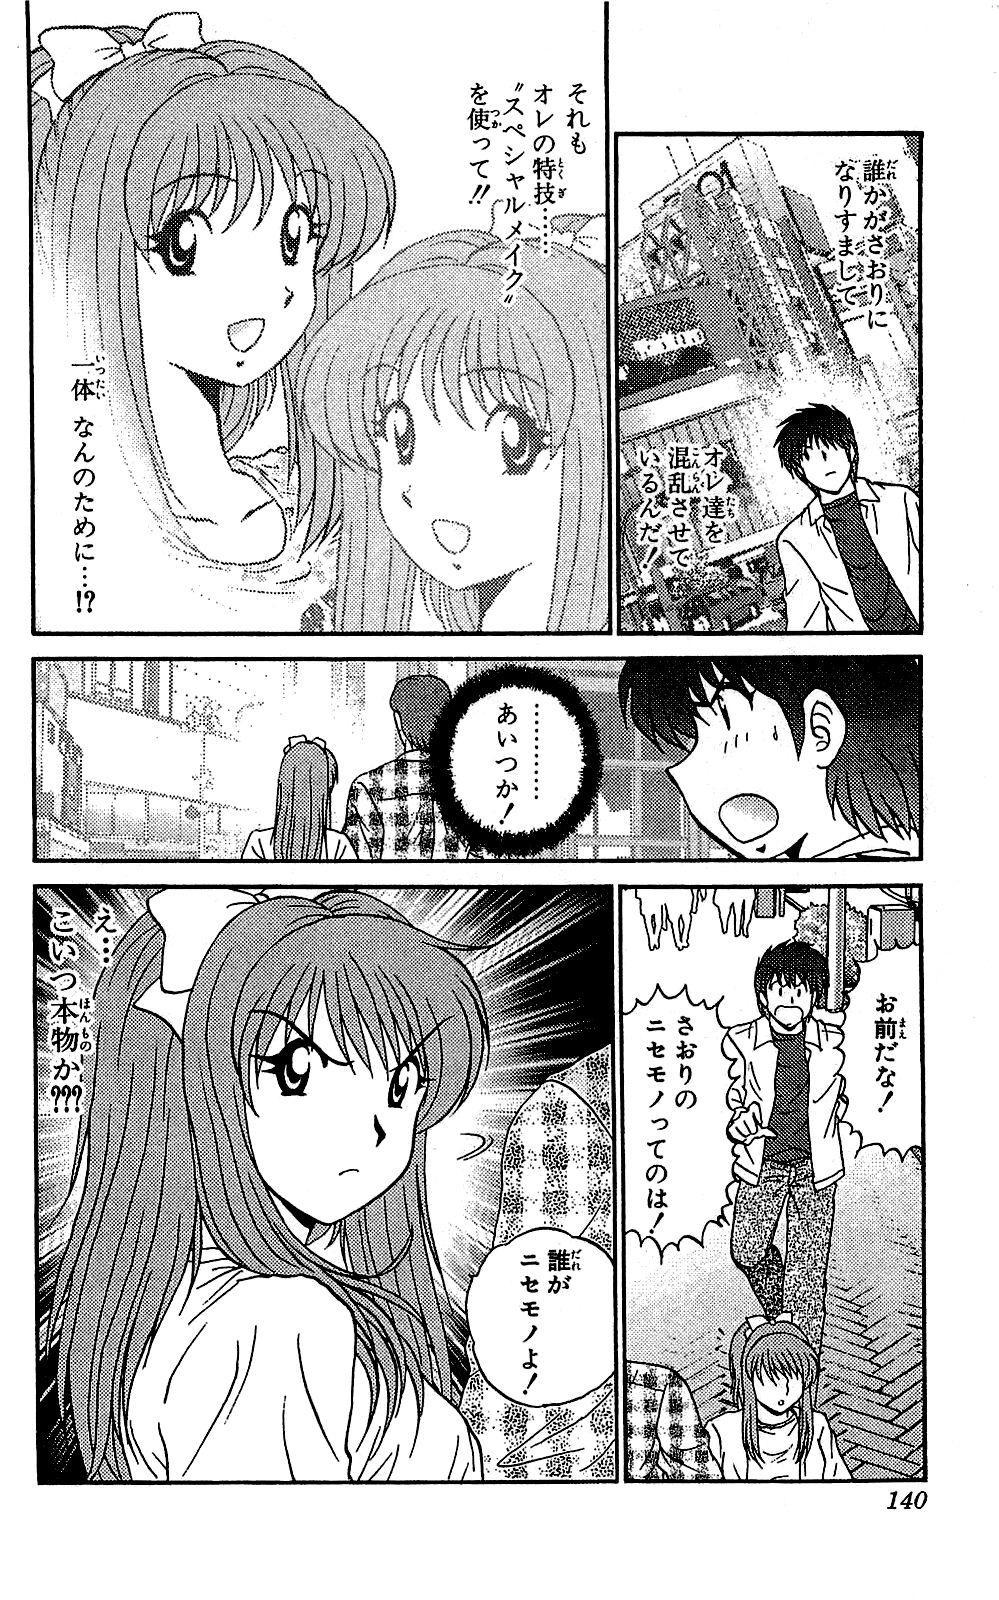 Miracle Make Yuuji 140